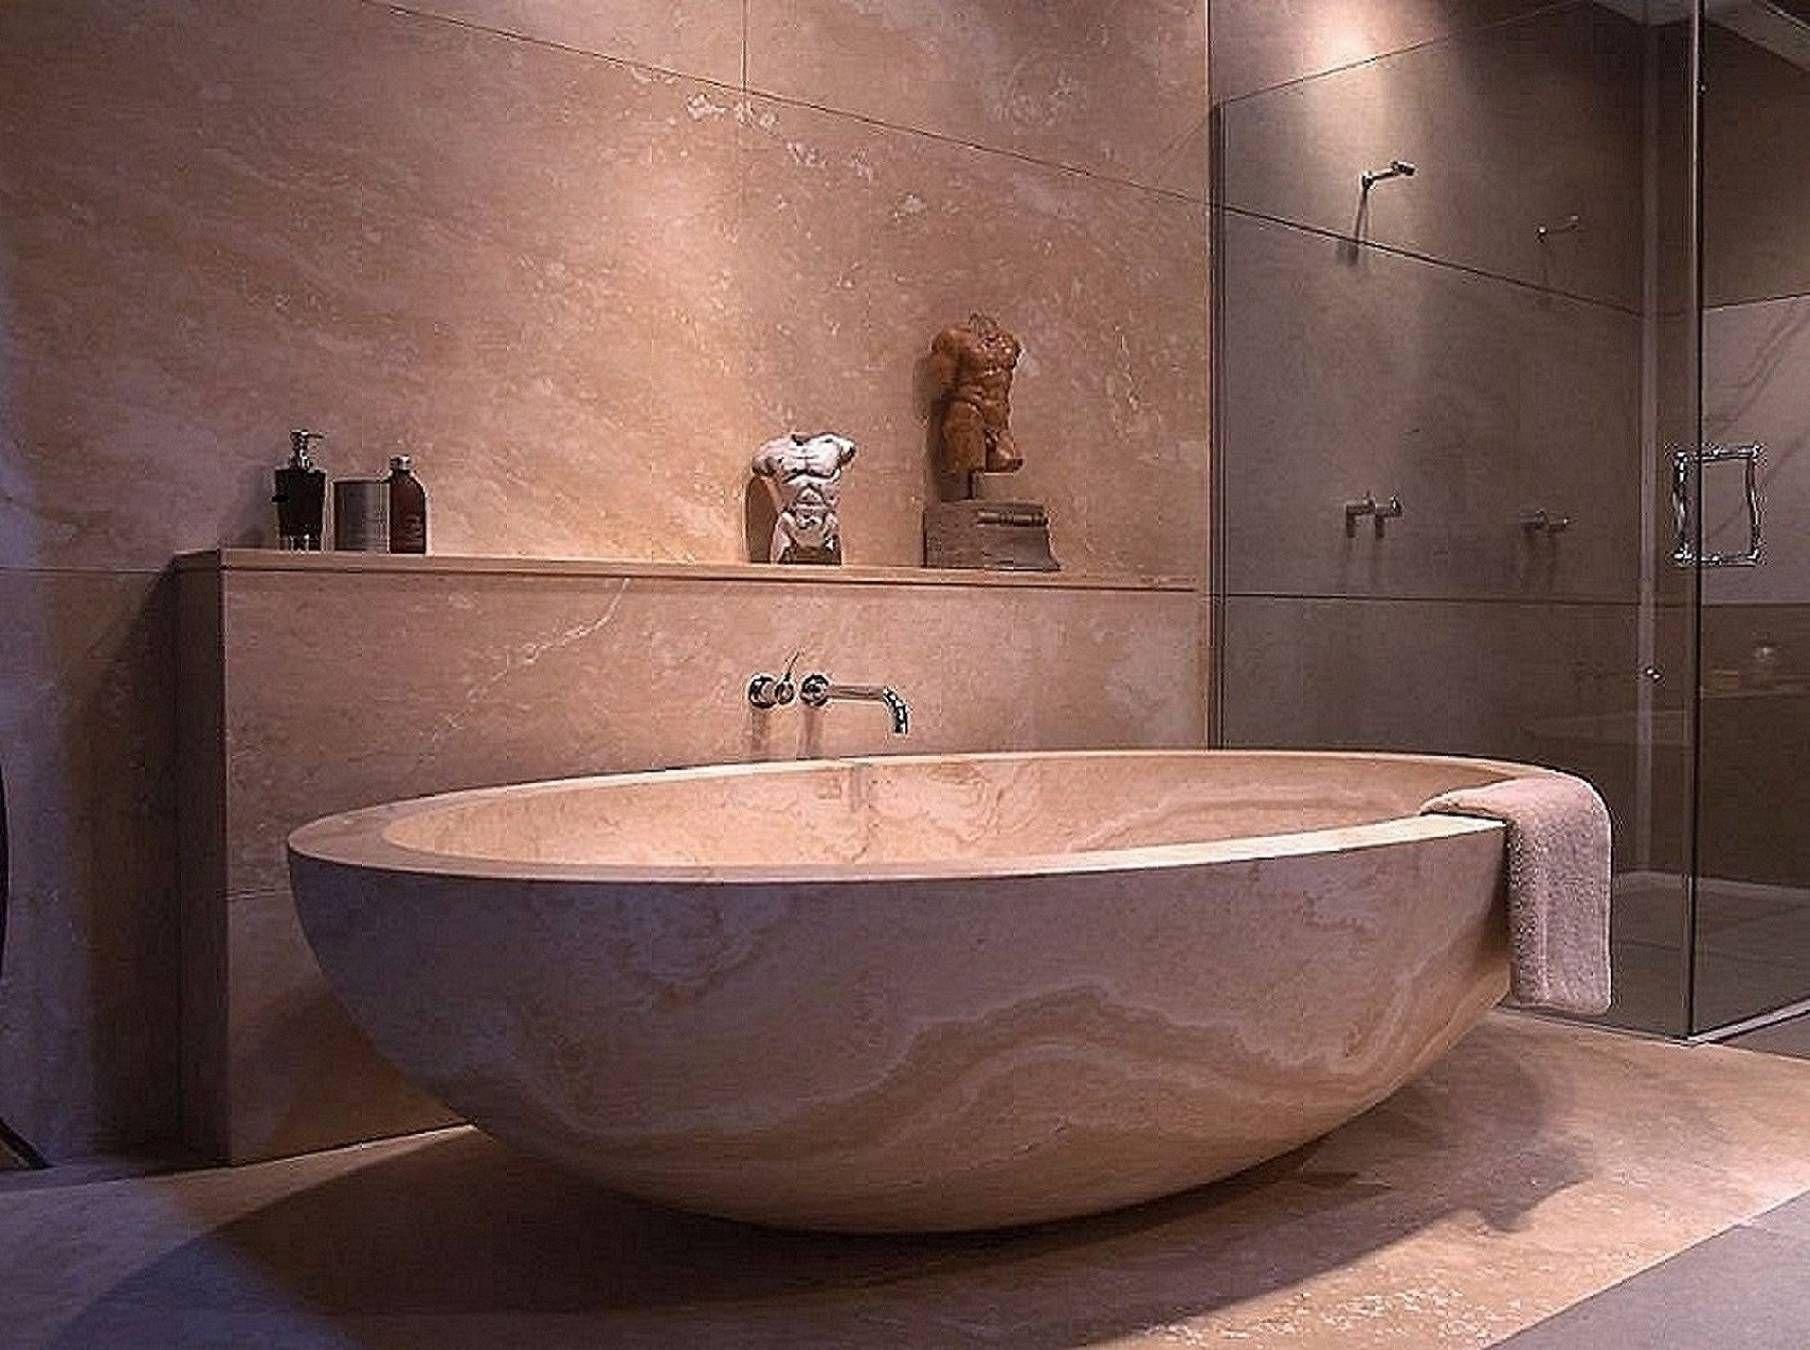 Badezimmer mediterran ~ Wohnideen interior design einrichtungsideen & bilder